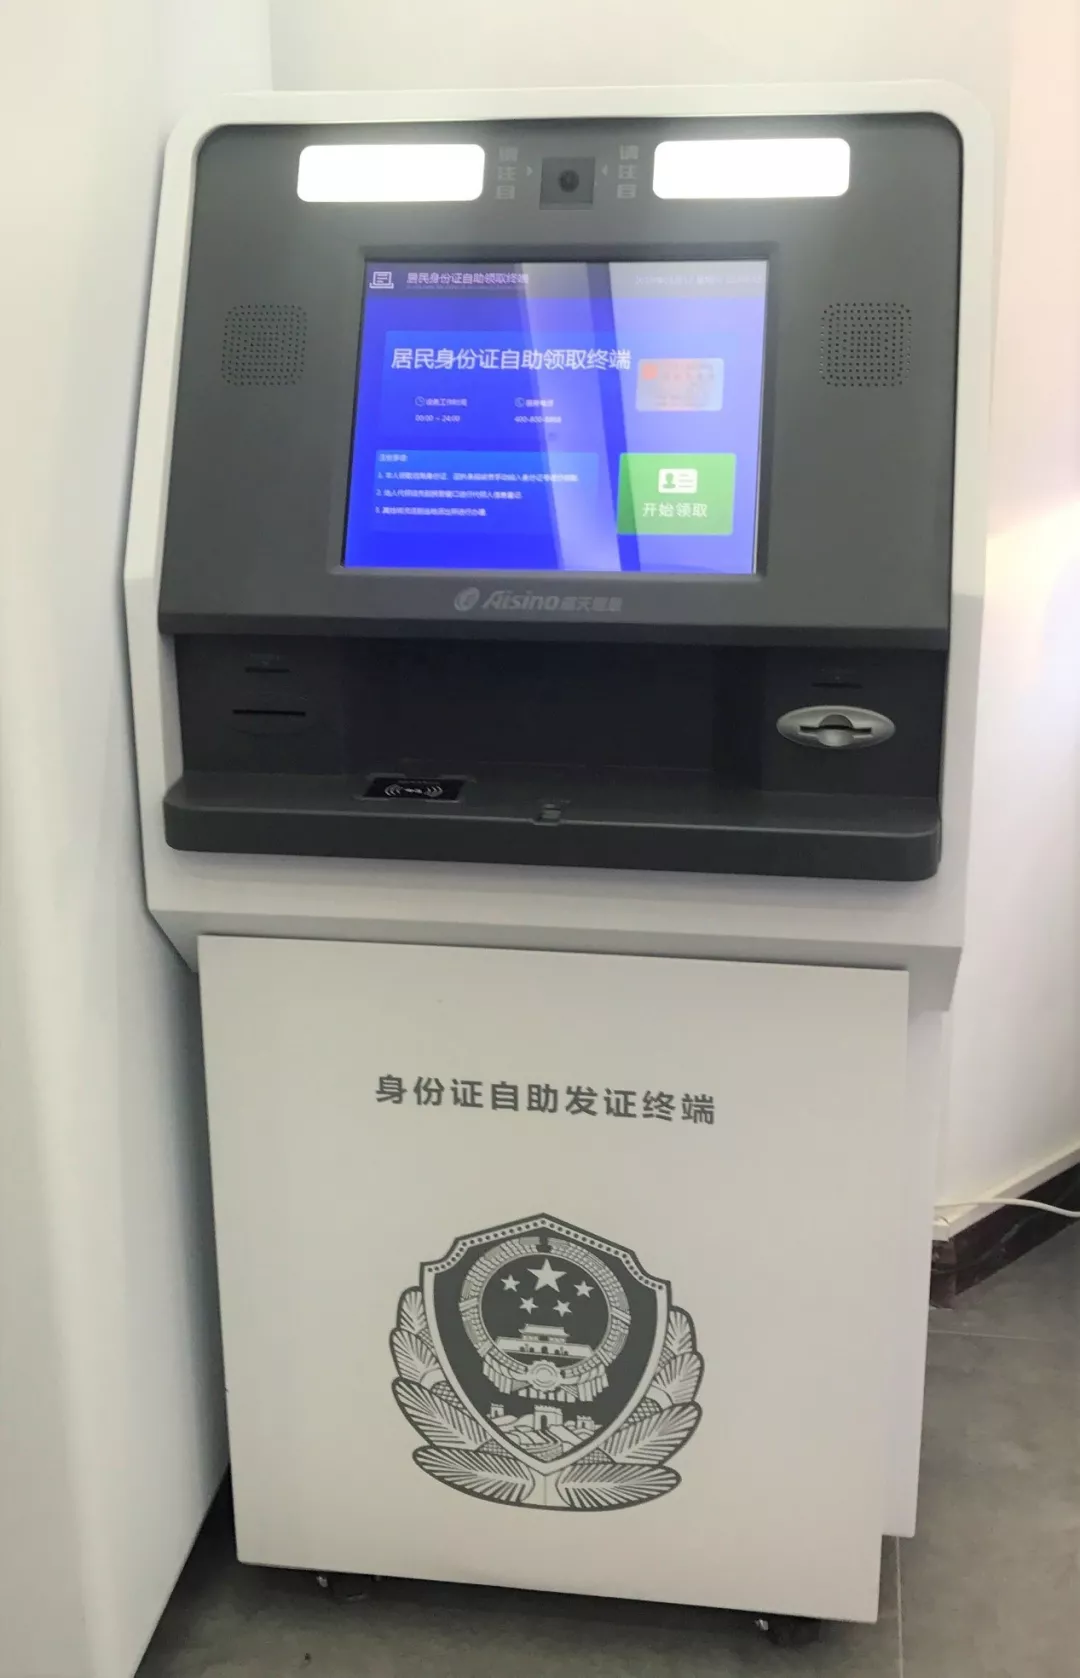 """北京赛车pk10正规吗:警务站进入了体验时代,现在的警务站这么""""玩儿"""""""